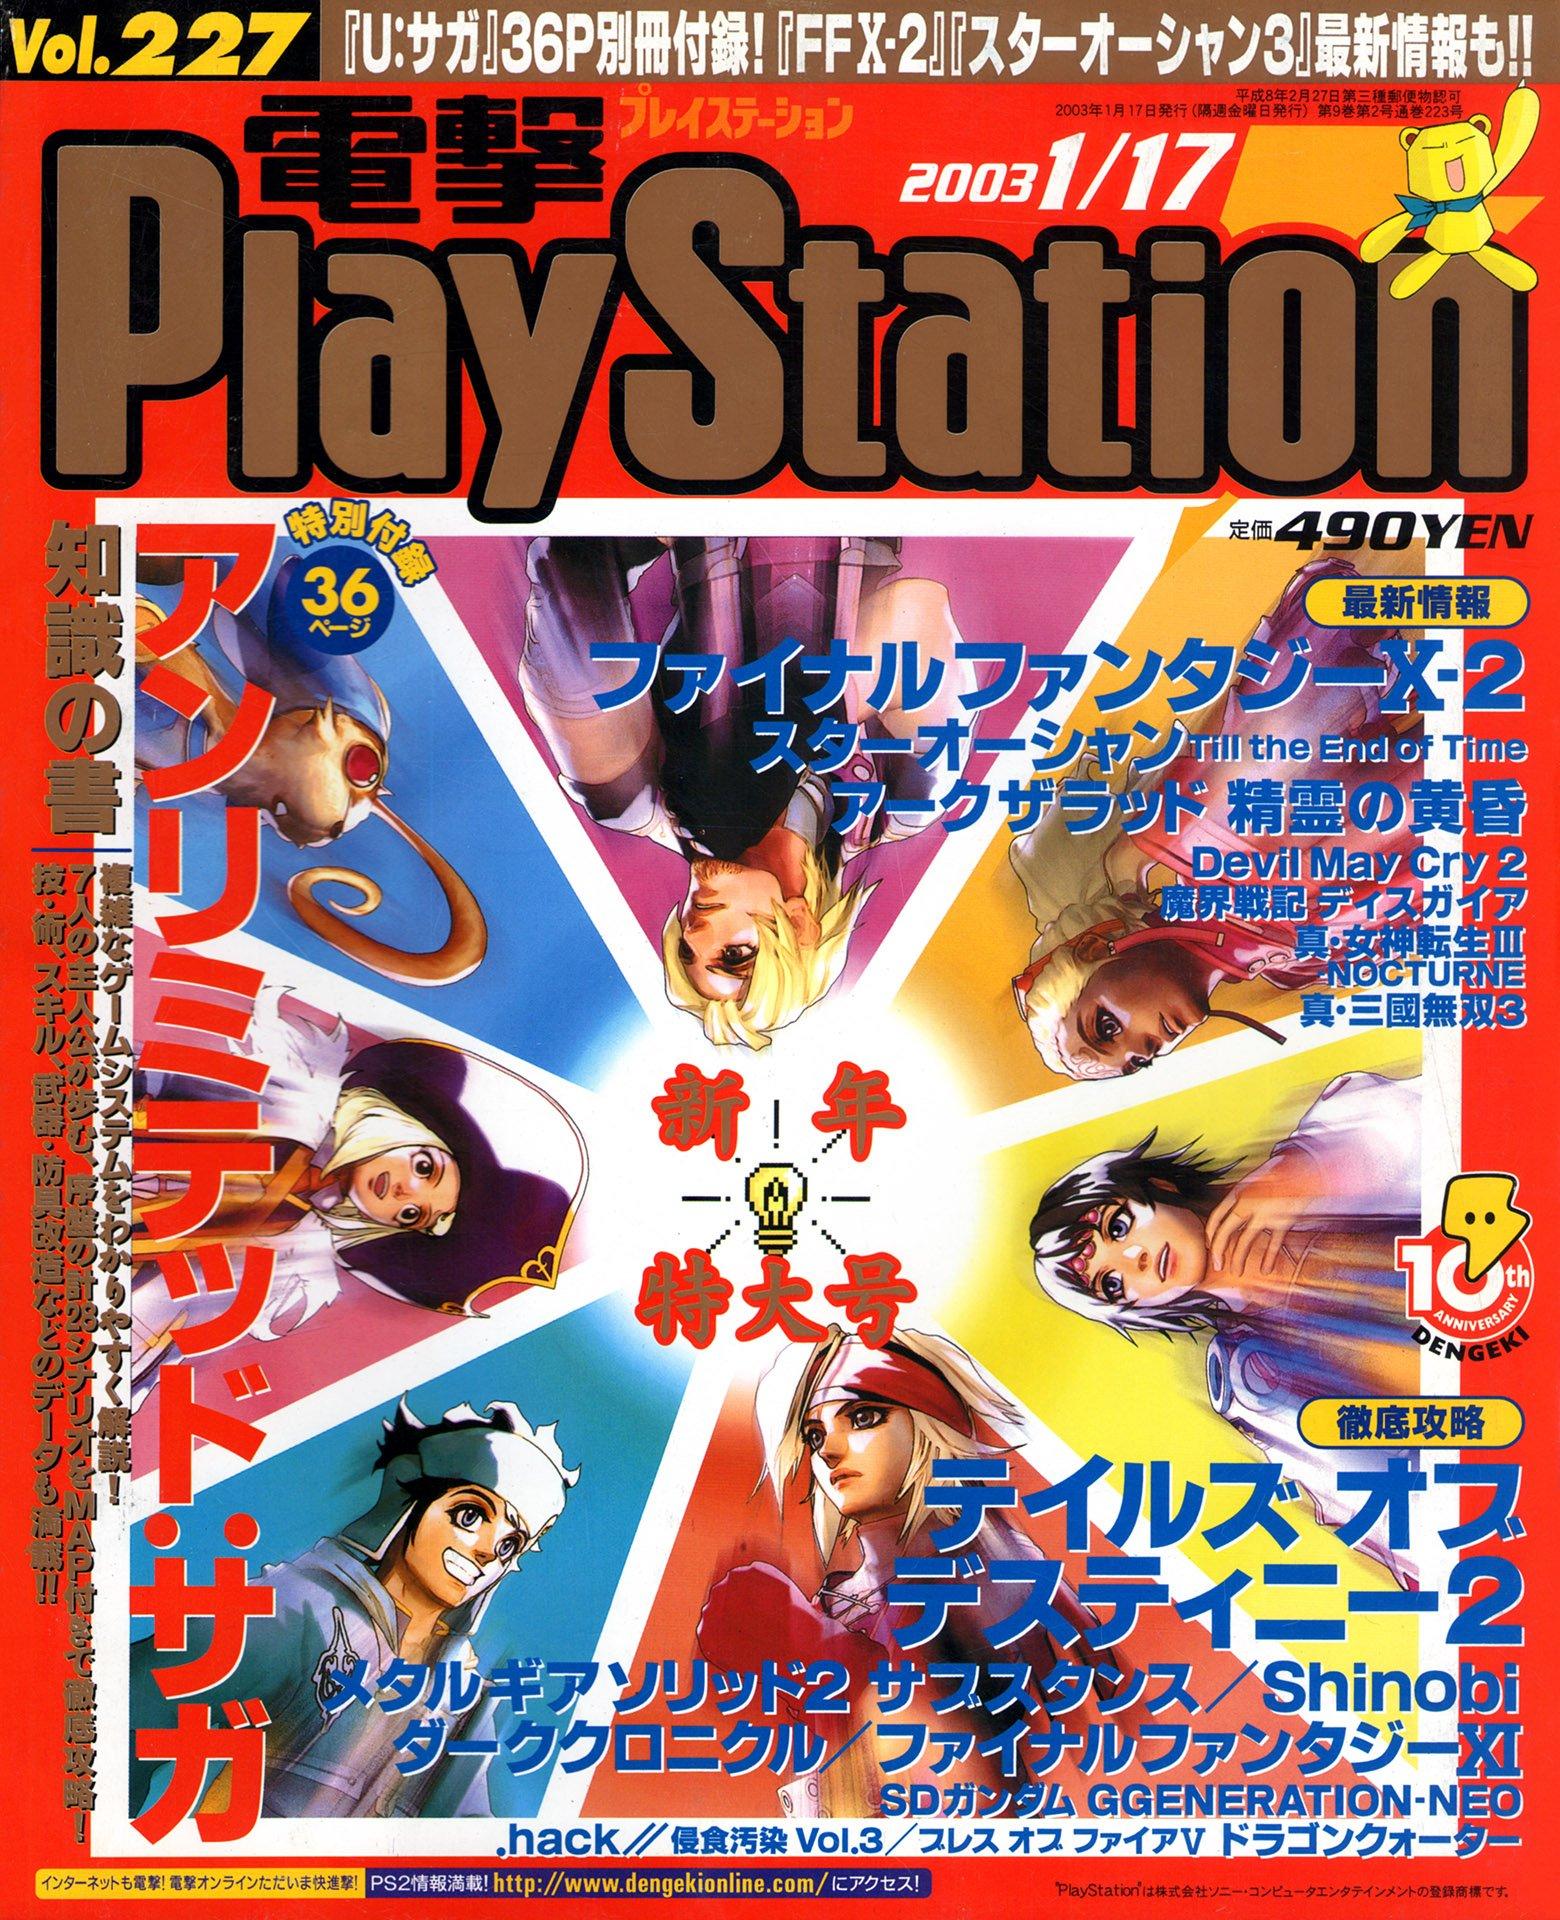 Dengeki PlayStation 227 (January 17, 2003)